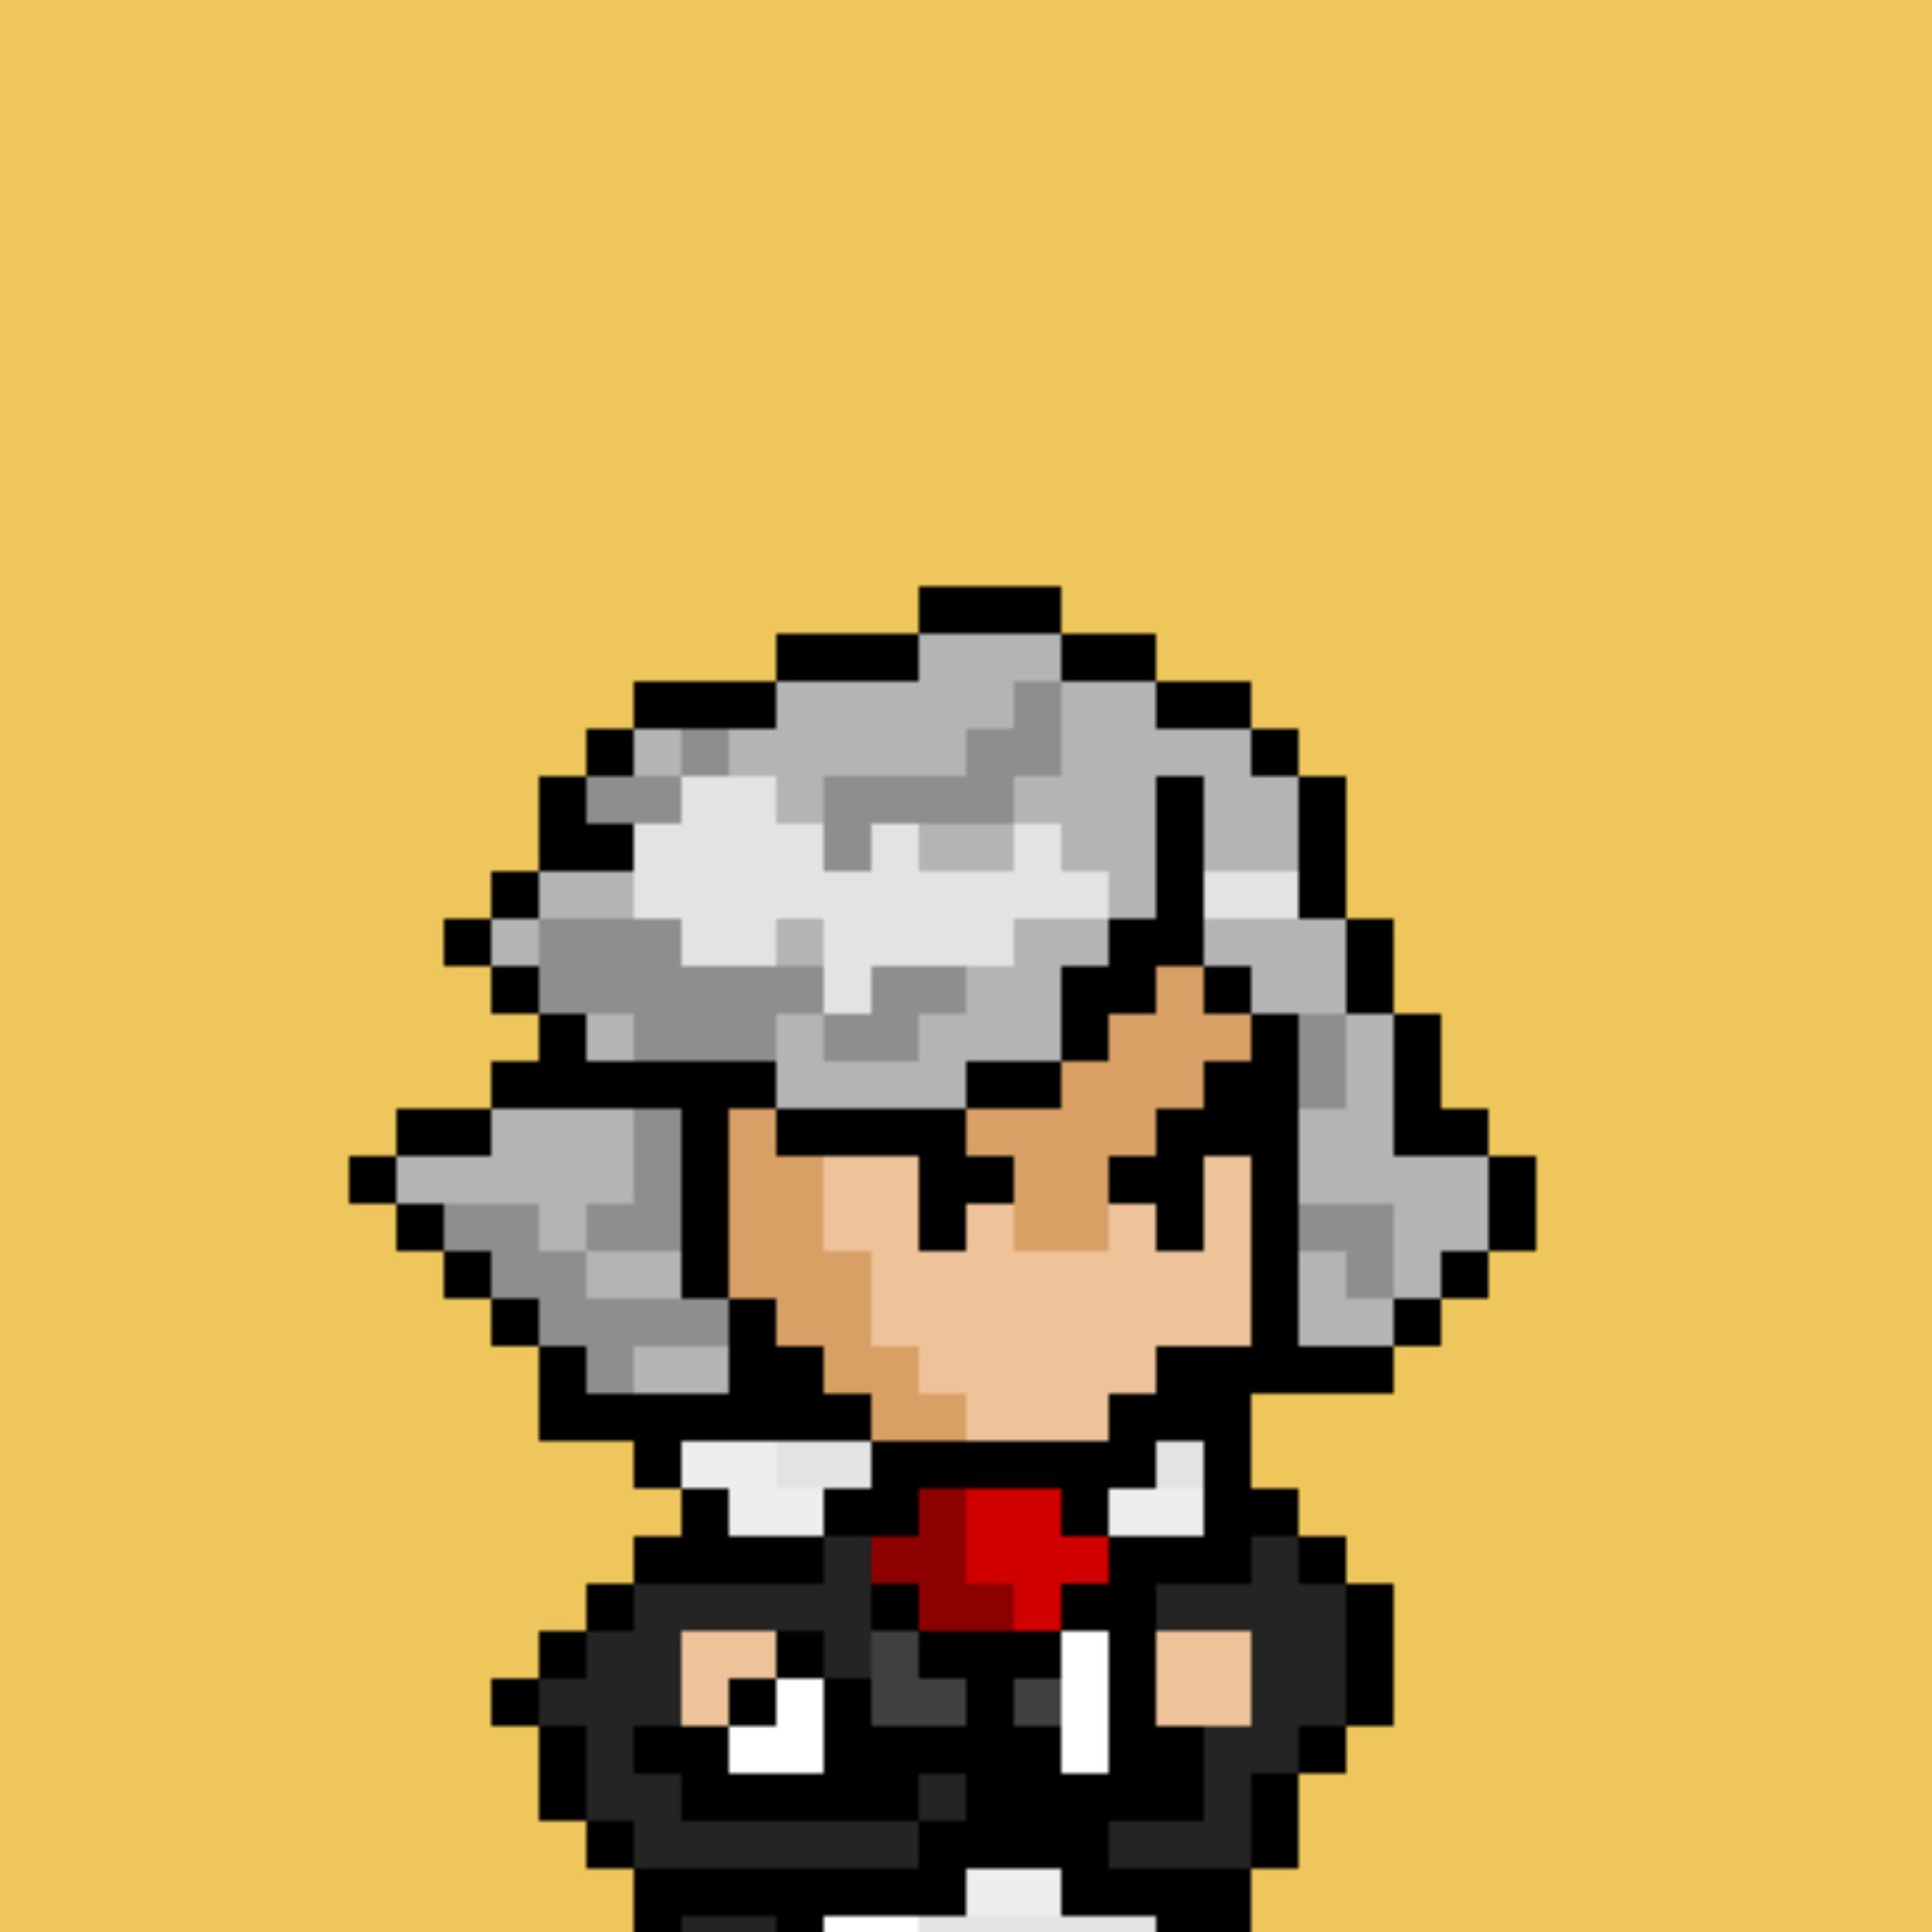 Beethoven in pixel format